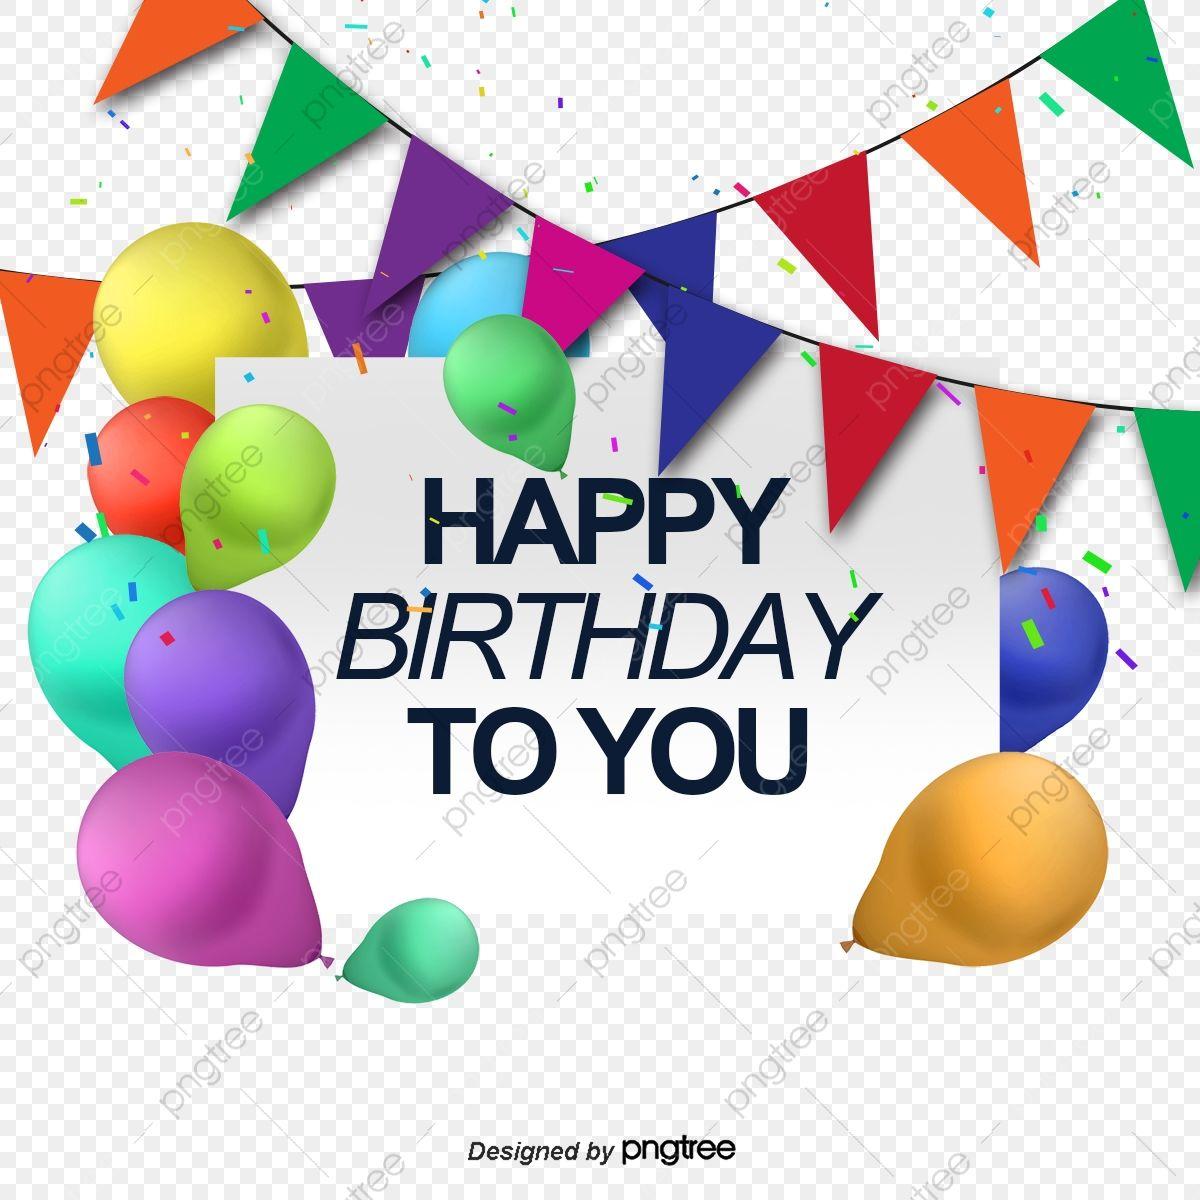 Gambar Vektor Happy Birthday Ingin Kad Kartu Ucapan Selamat Hari Jadi Belon Png Dan Psd Untuk Muat Turun Percuma Happy Birthday Greeting Card Happy Birthday Cards Happy Birthday